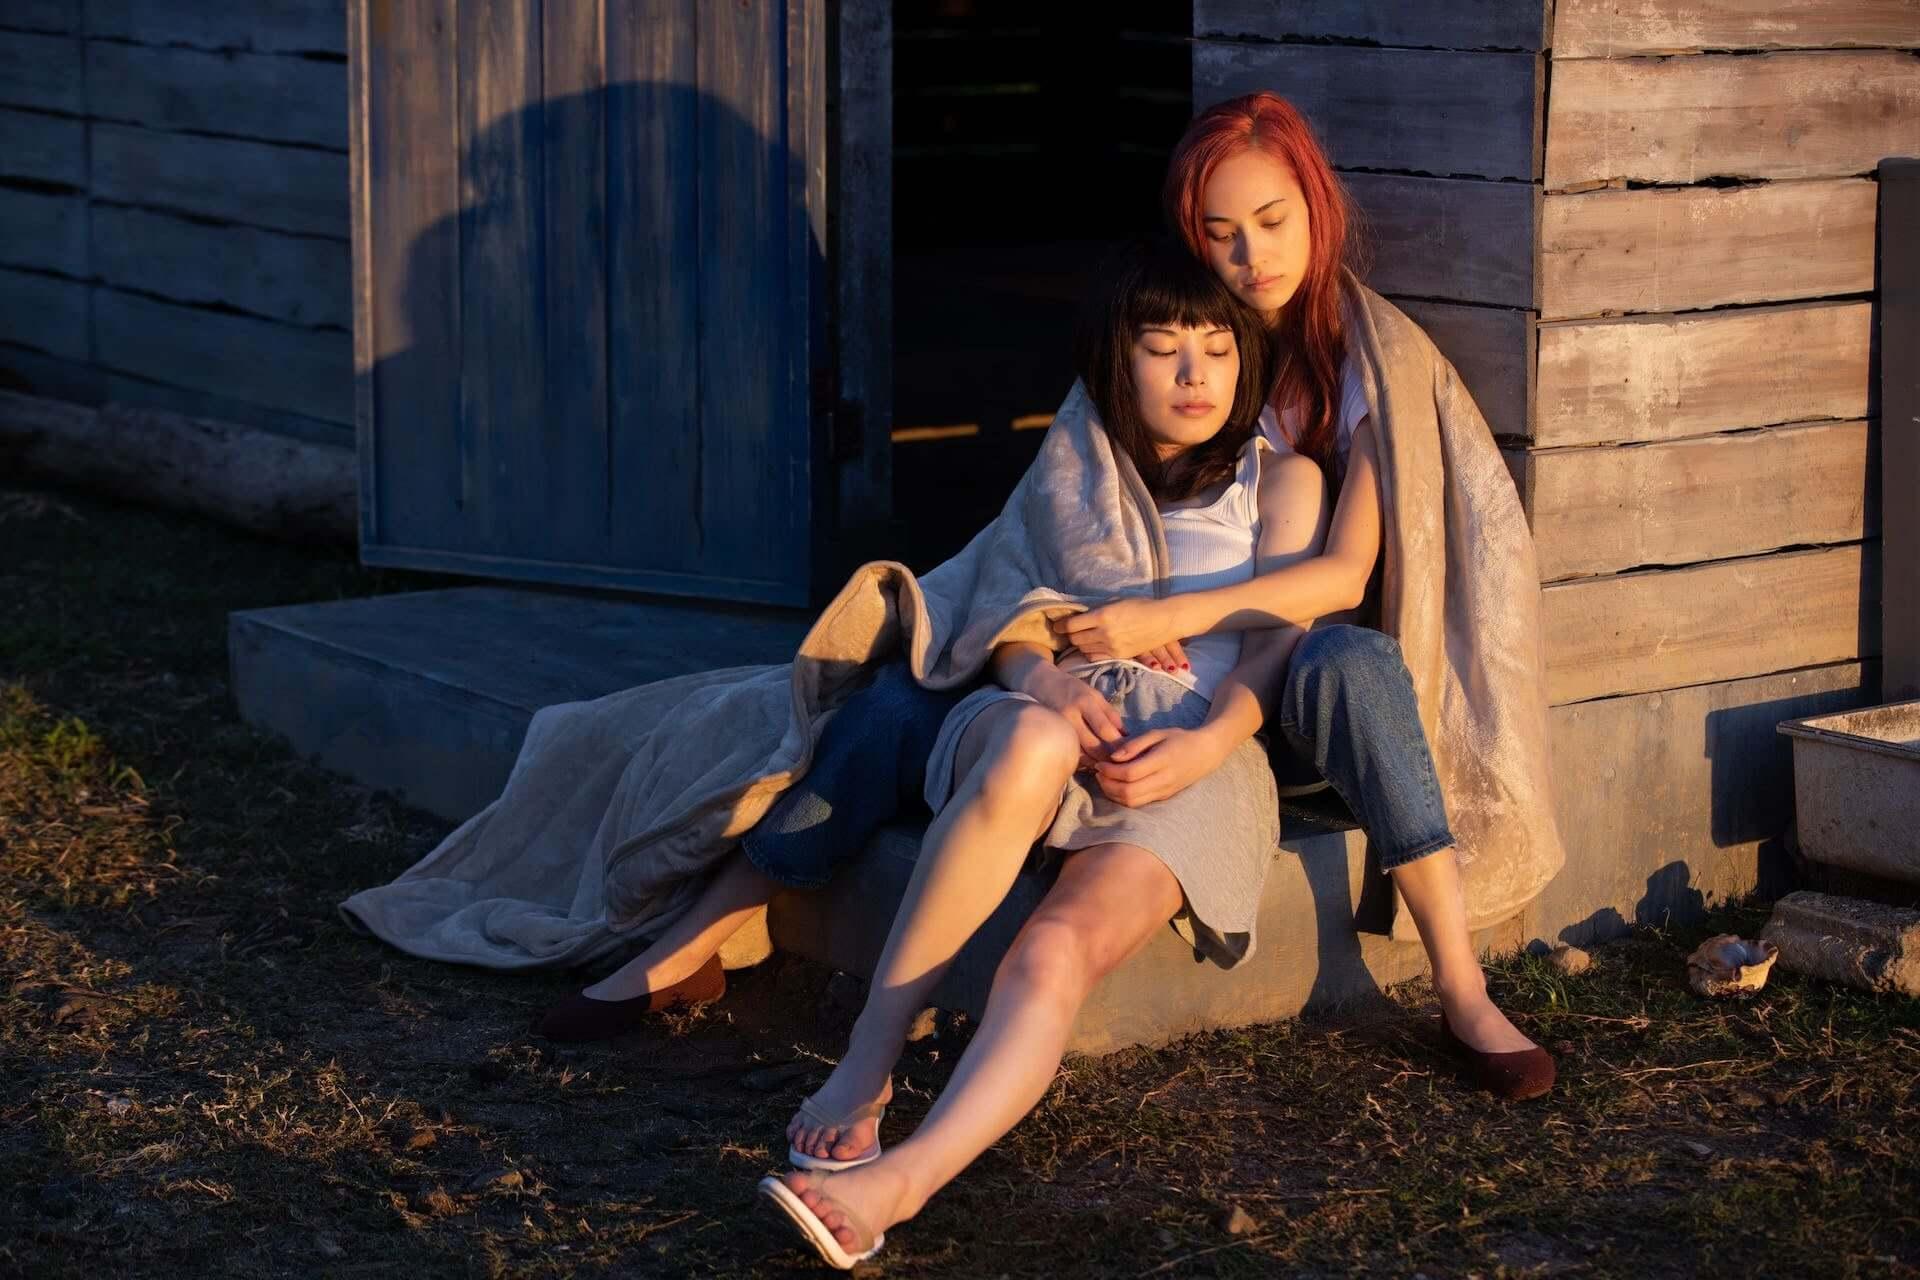 水原希子とさとうほなみ演じる2人の愛の行方とは…Netflix映画『彼女』のティーザー予告編&場面写真が解禁 film210224_netflix-kanojo_4-1920x1280